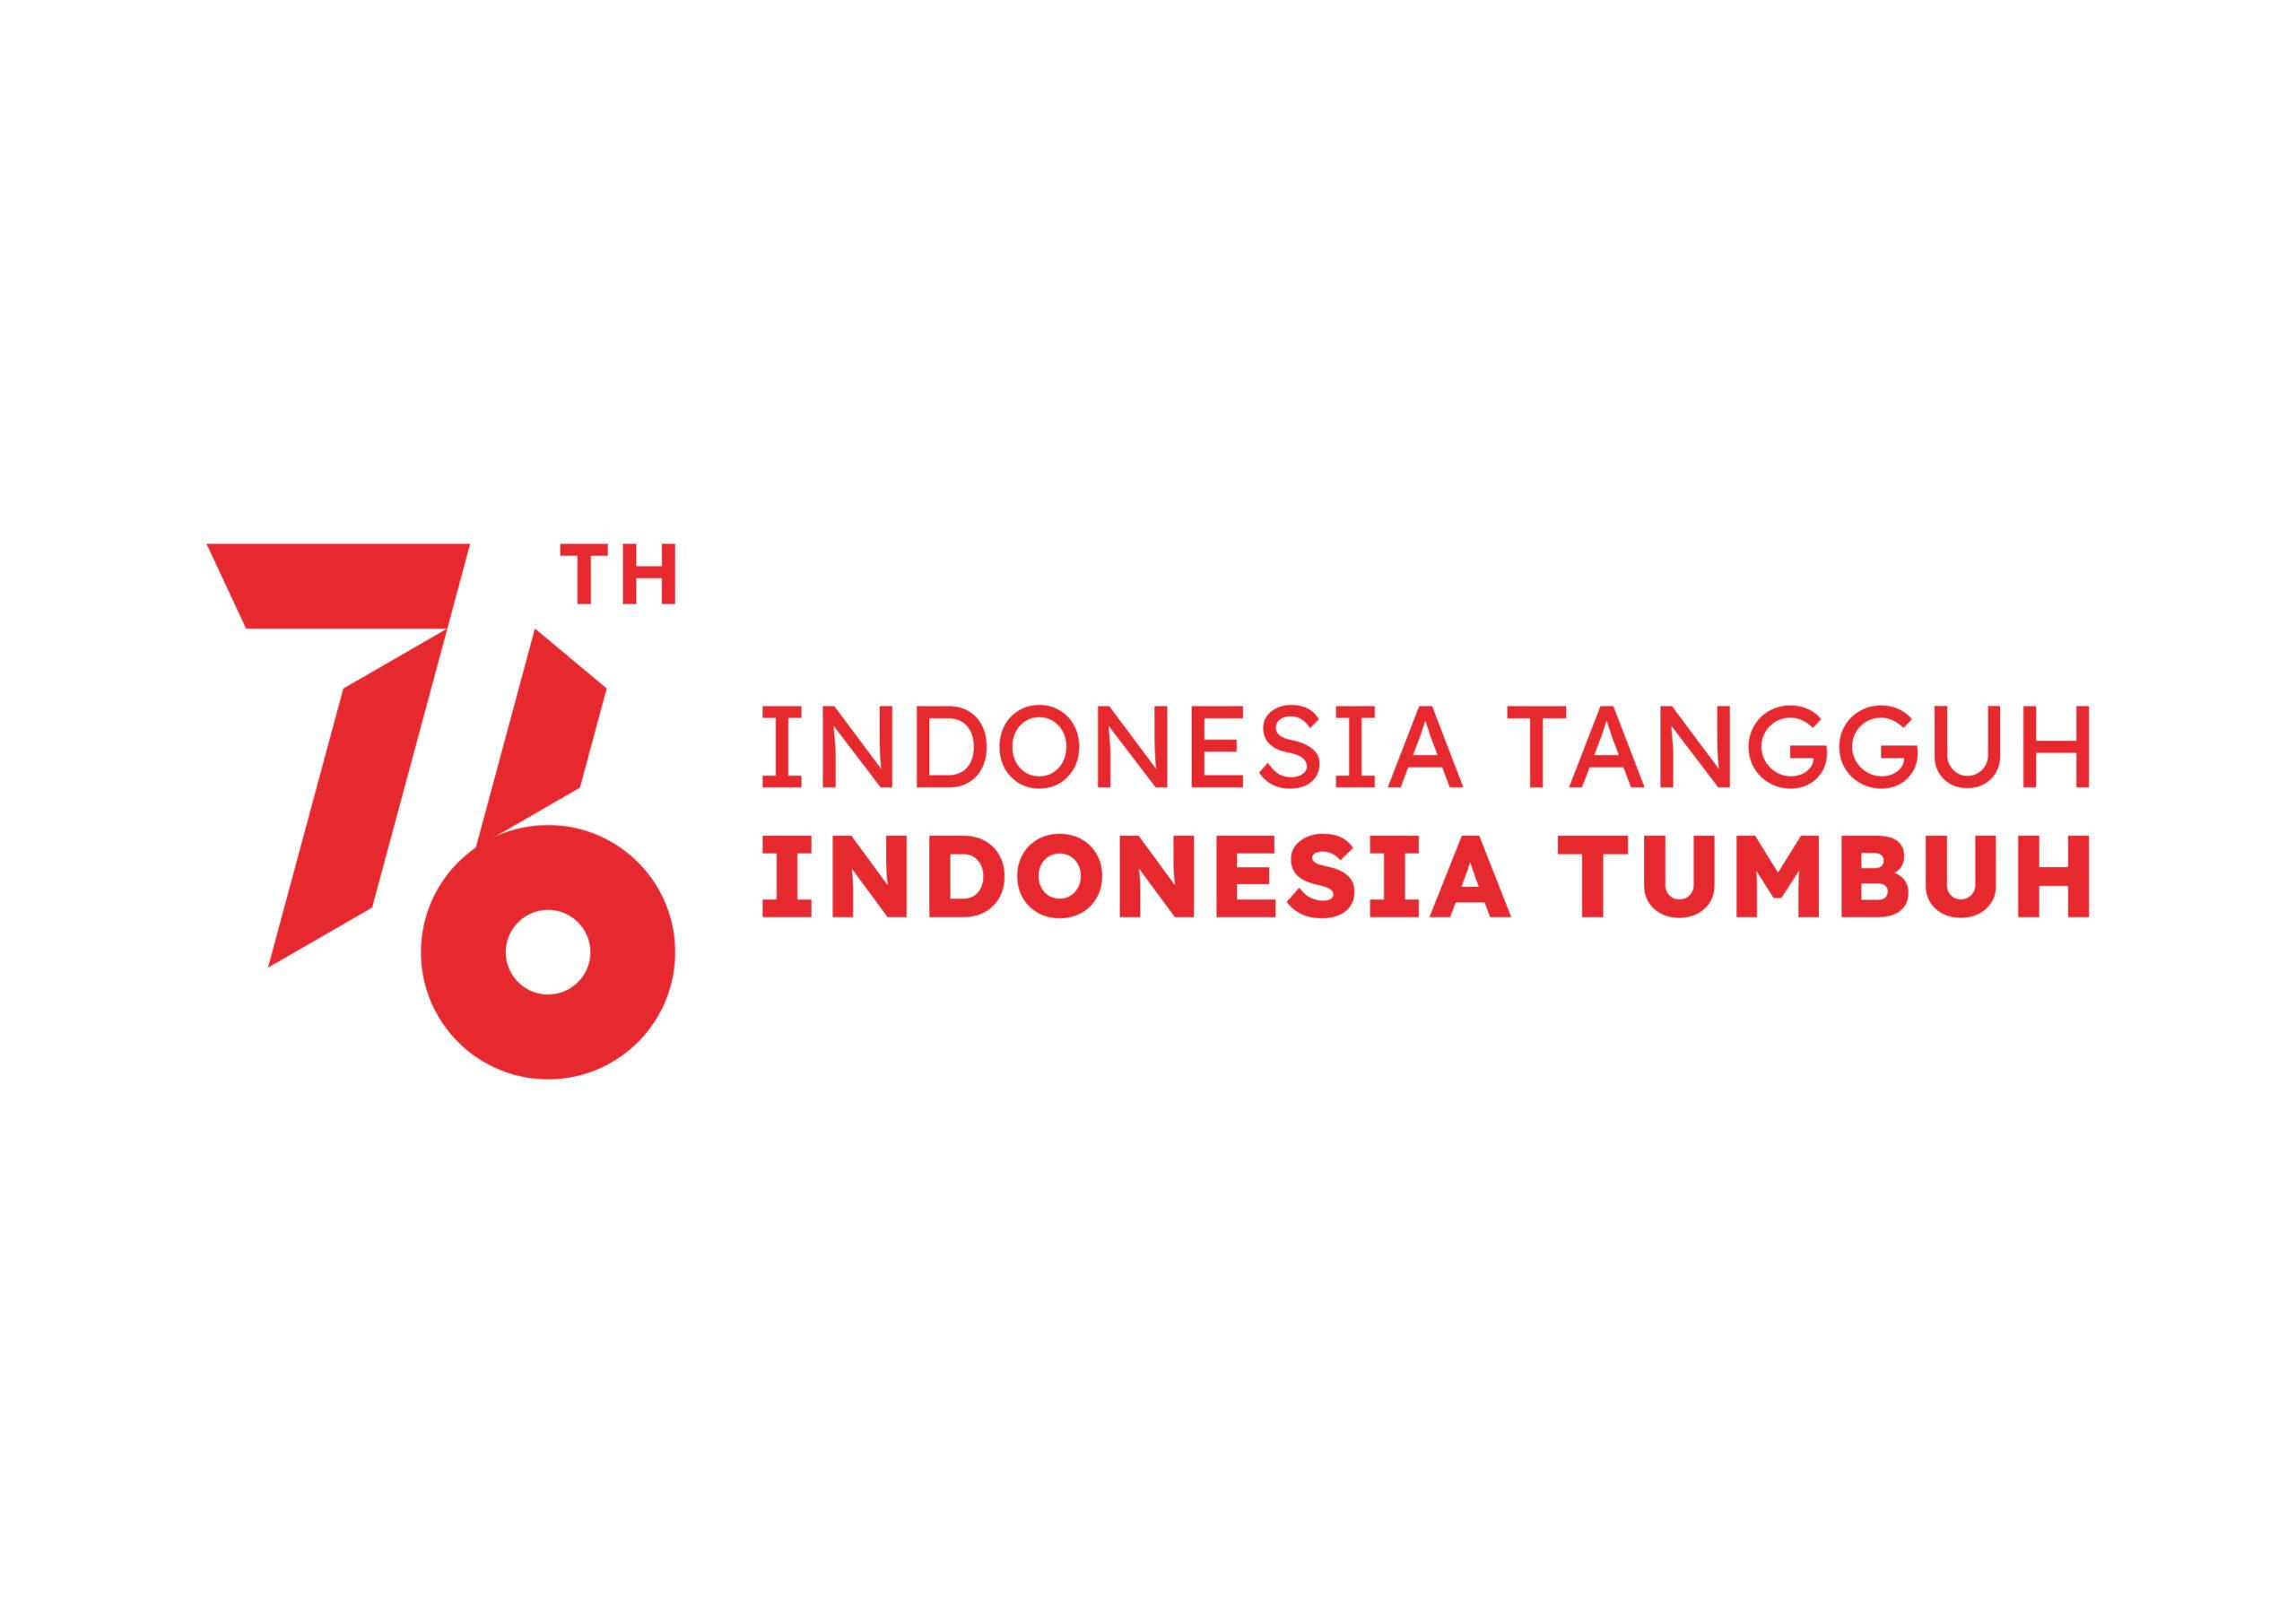 Link Download Logo HUT RI 76 Republik Indonesia Berikut Arti dan Panduan Penggunaan